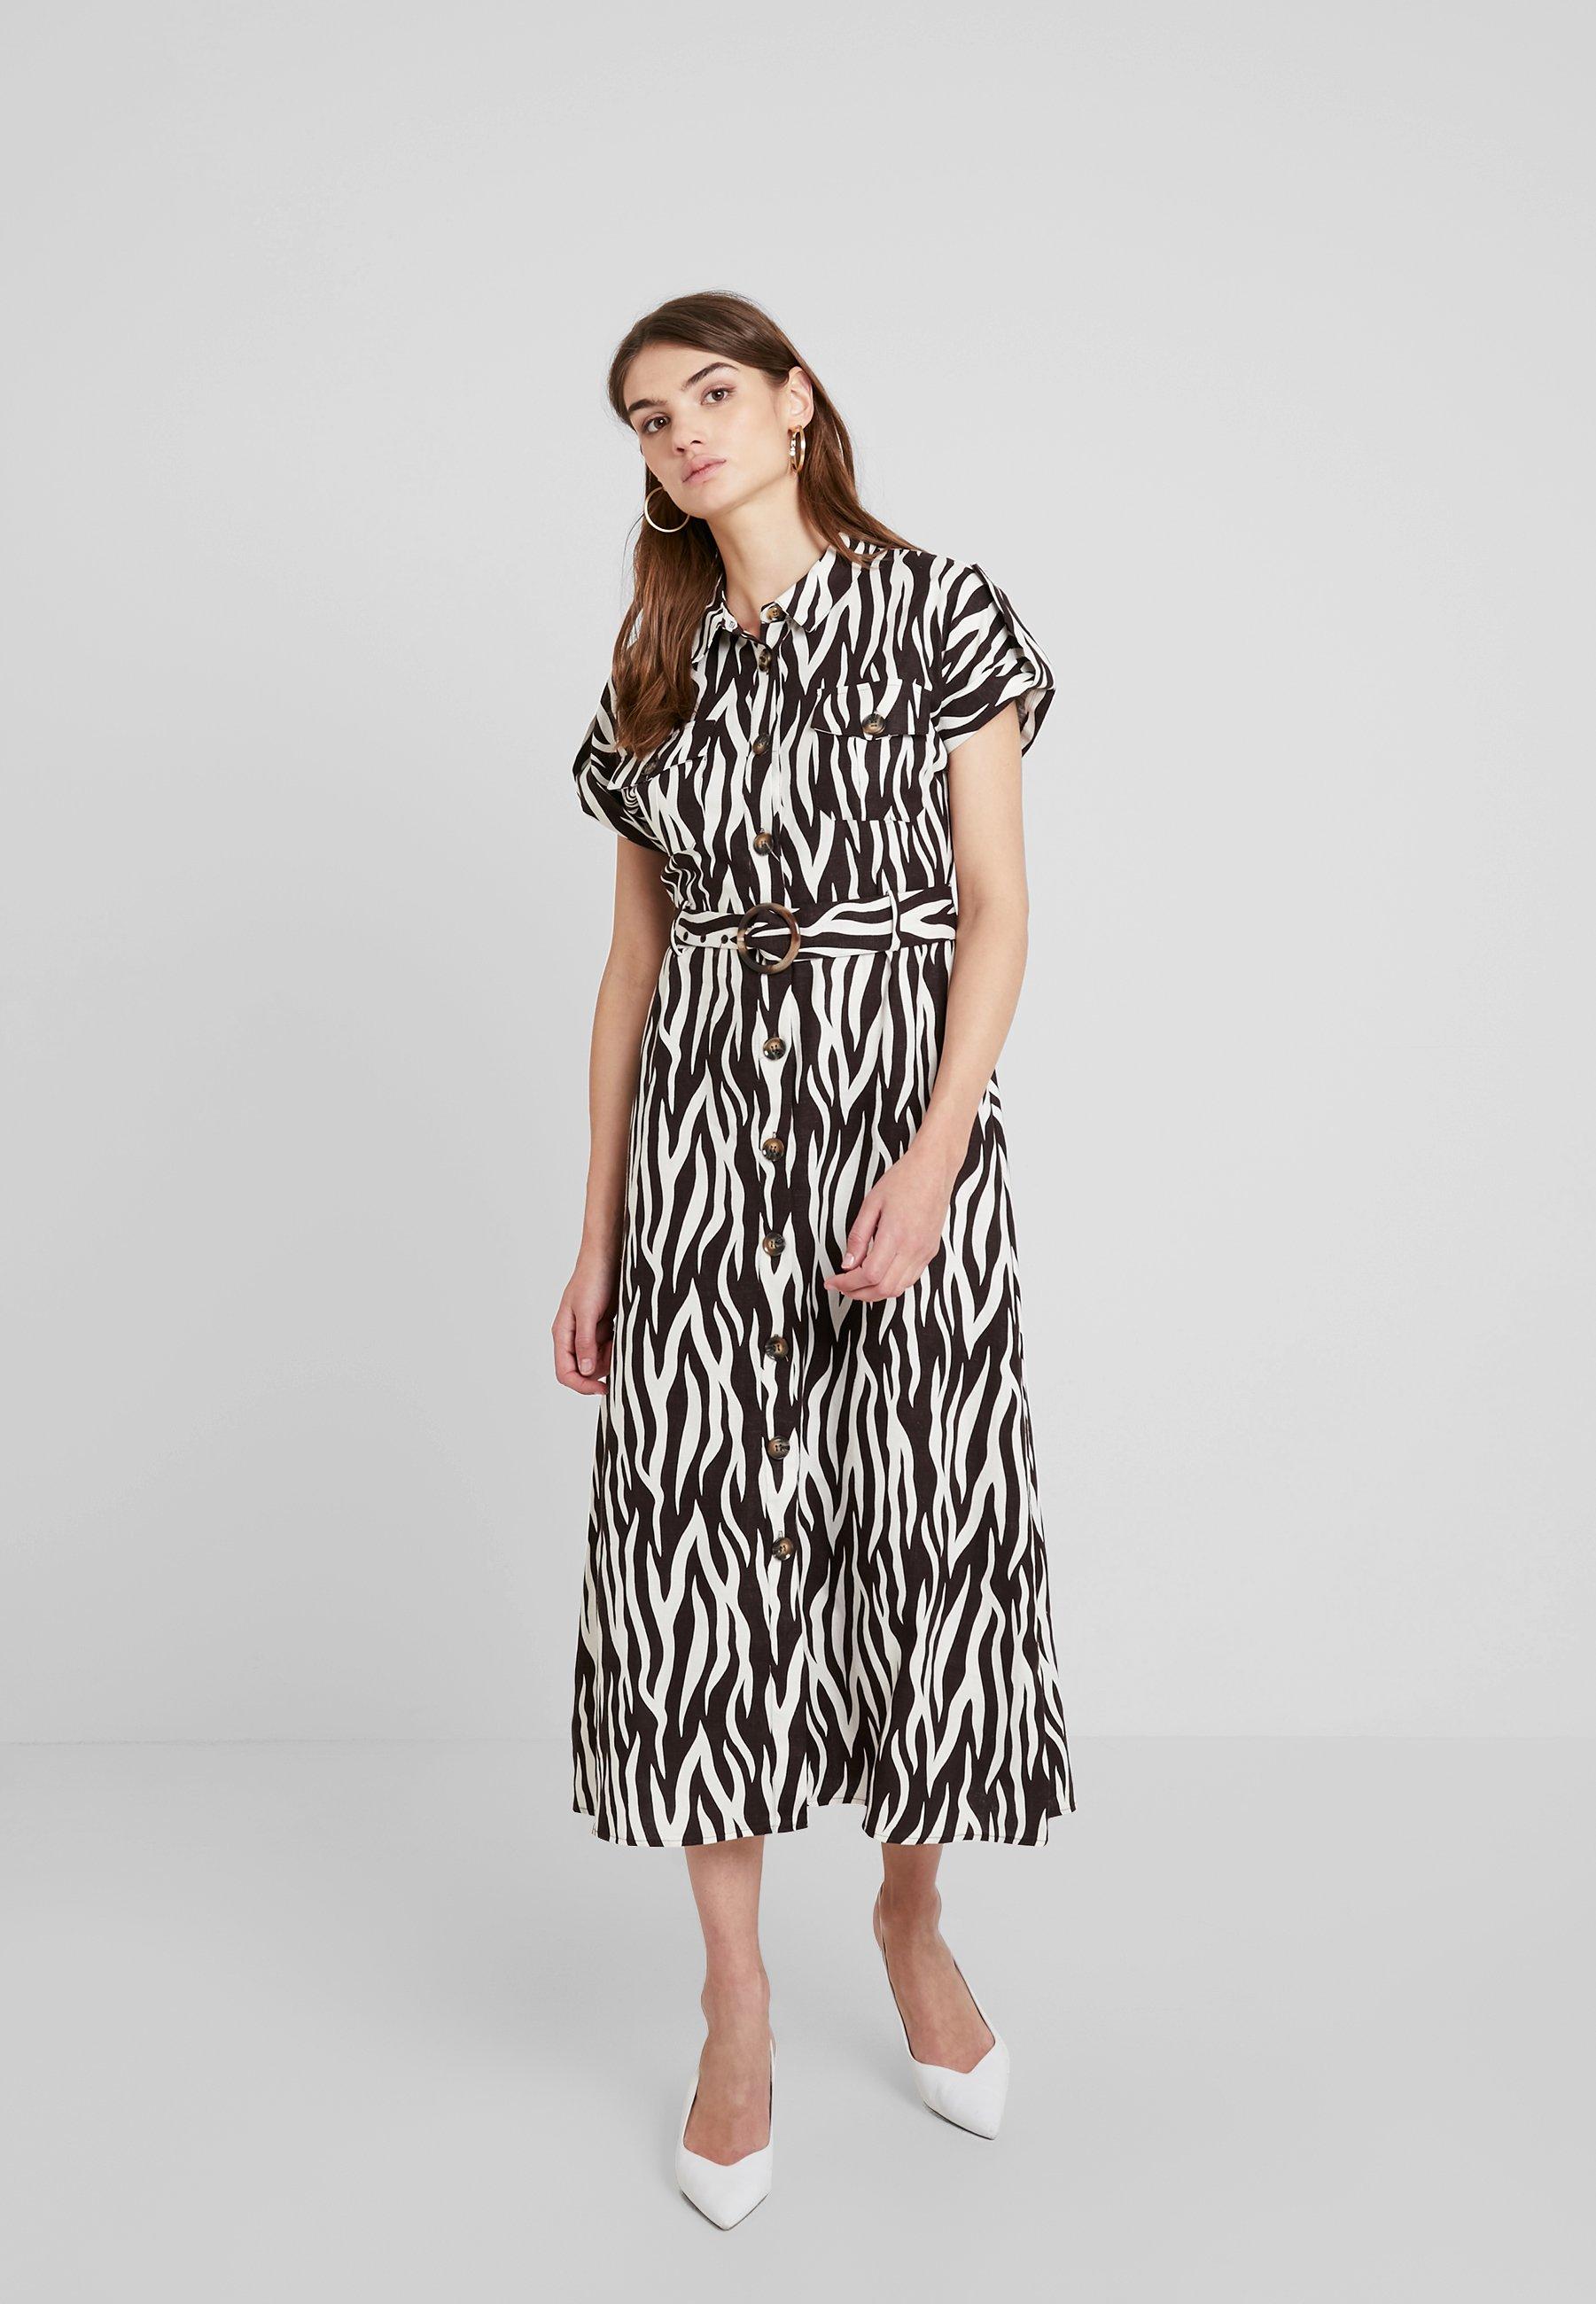 D'été Zebra Button Warehouse Front Multi DressRobe AR54jcLq3